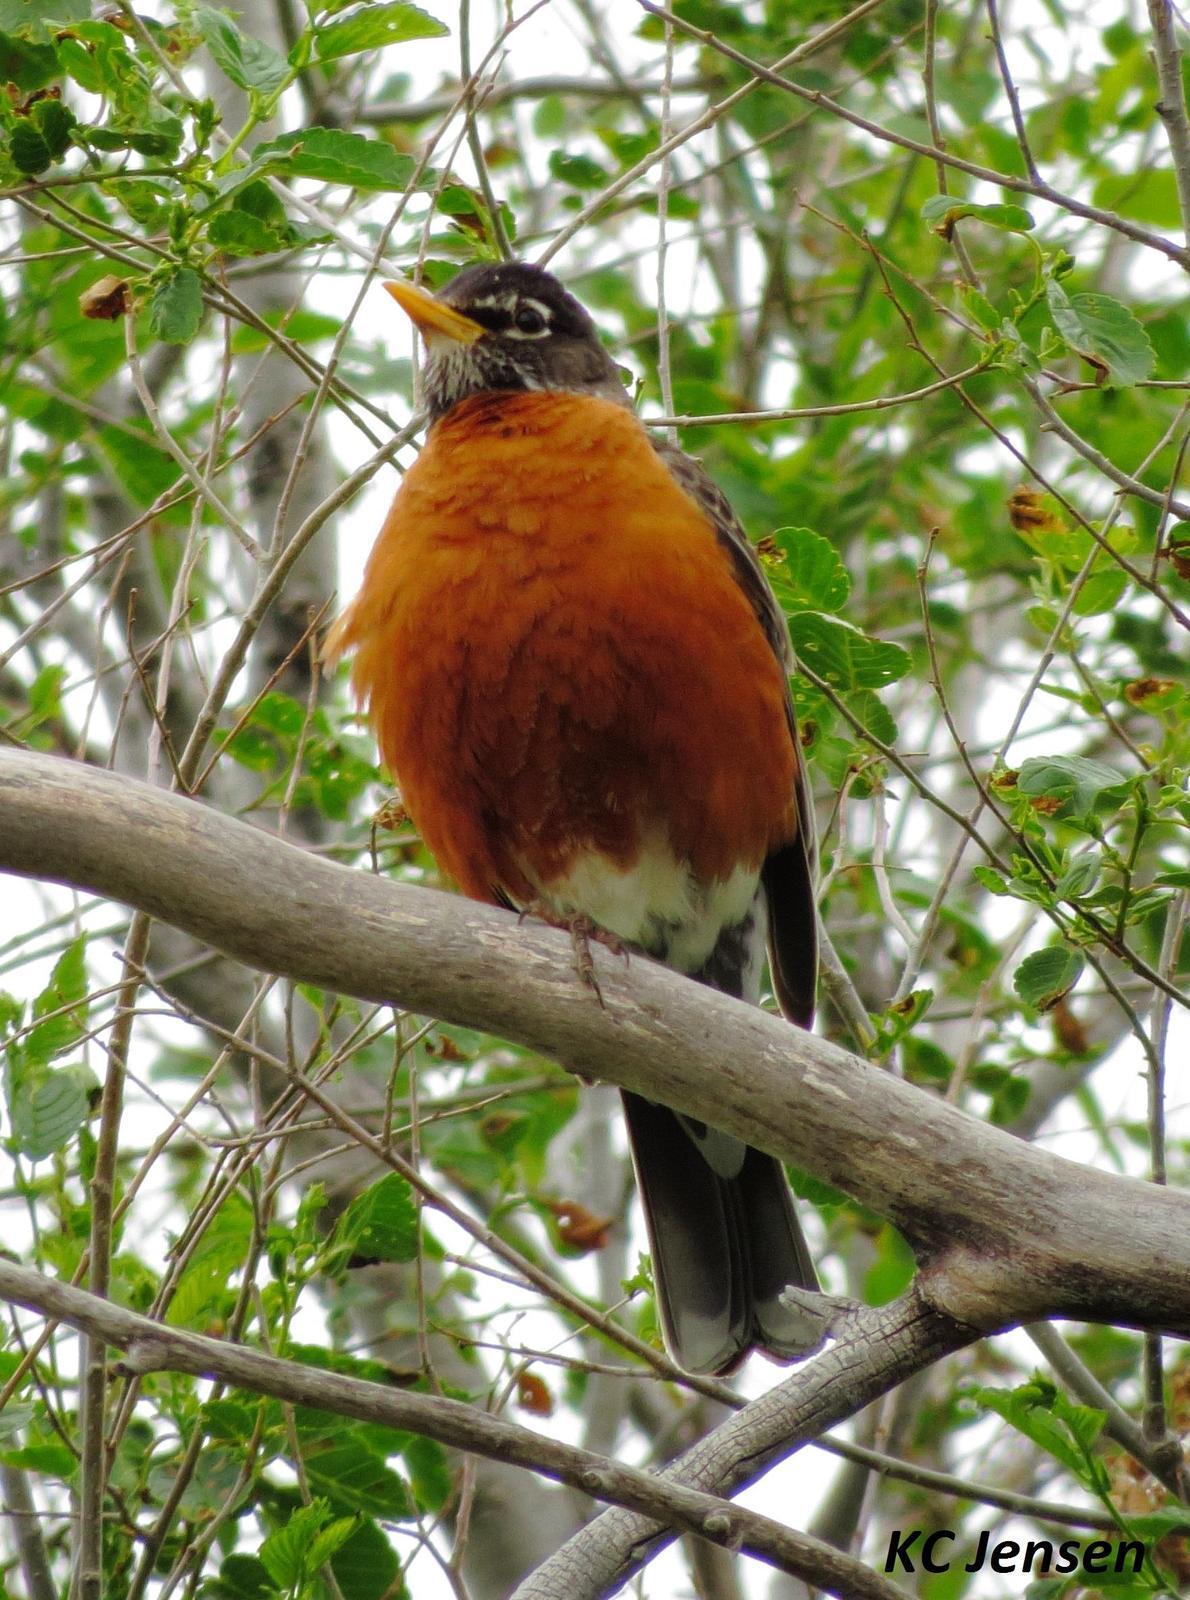 American Robin Photo by Kent Jensen